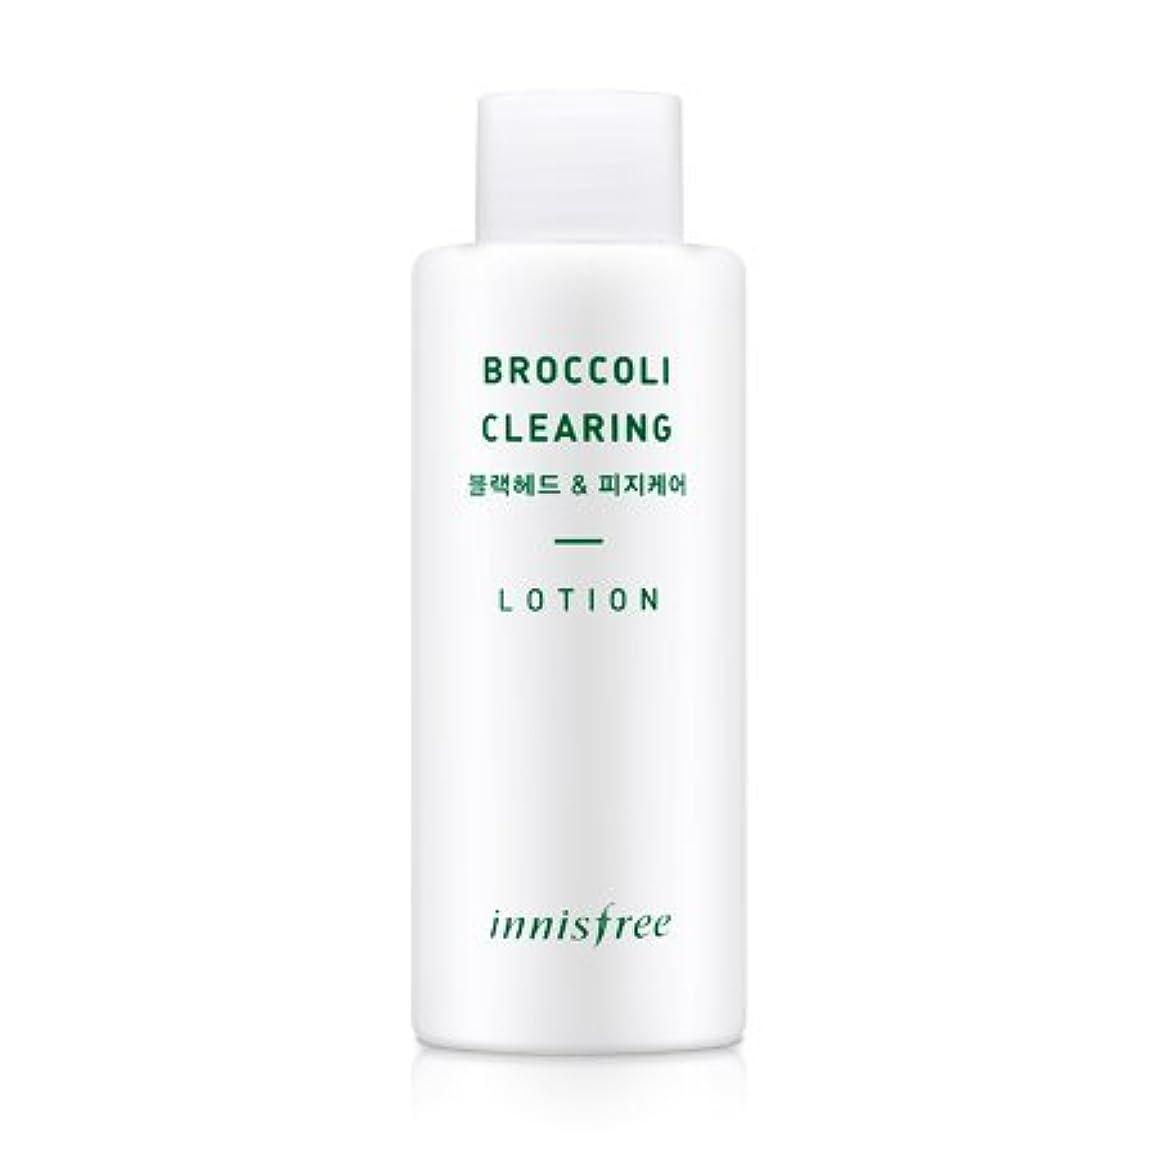 バーゲンにおい存在する[innisfree(イニスフリー)] Super food_ Broccoli clearing lotion (130ml) スーパーフード_ブロッコリー クリアリング?ローション[並行輸入品][海外直送品]